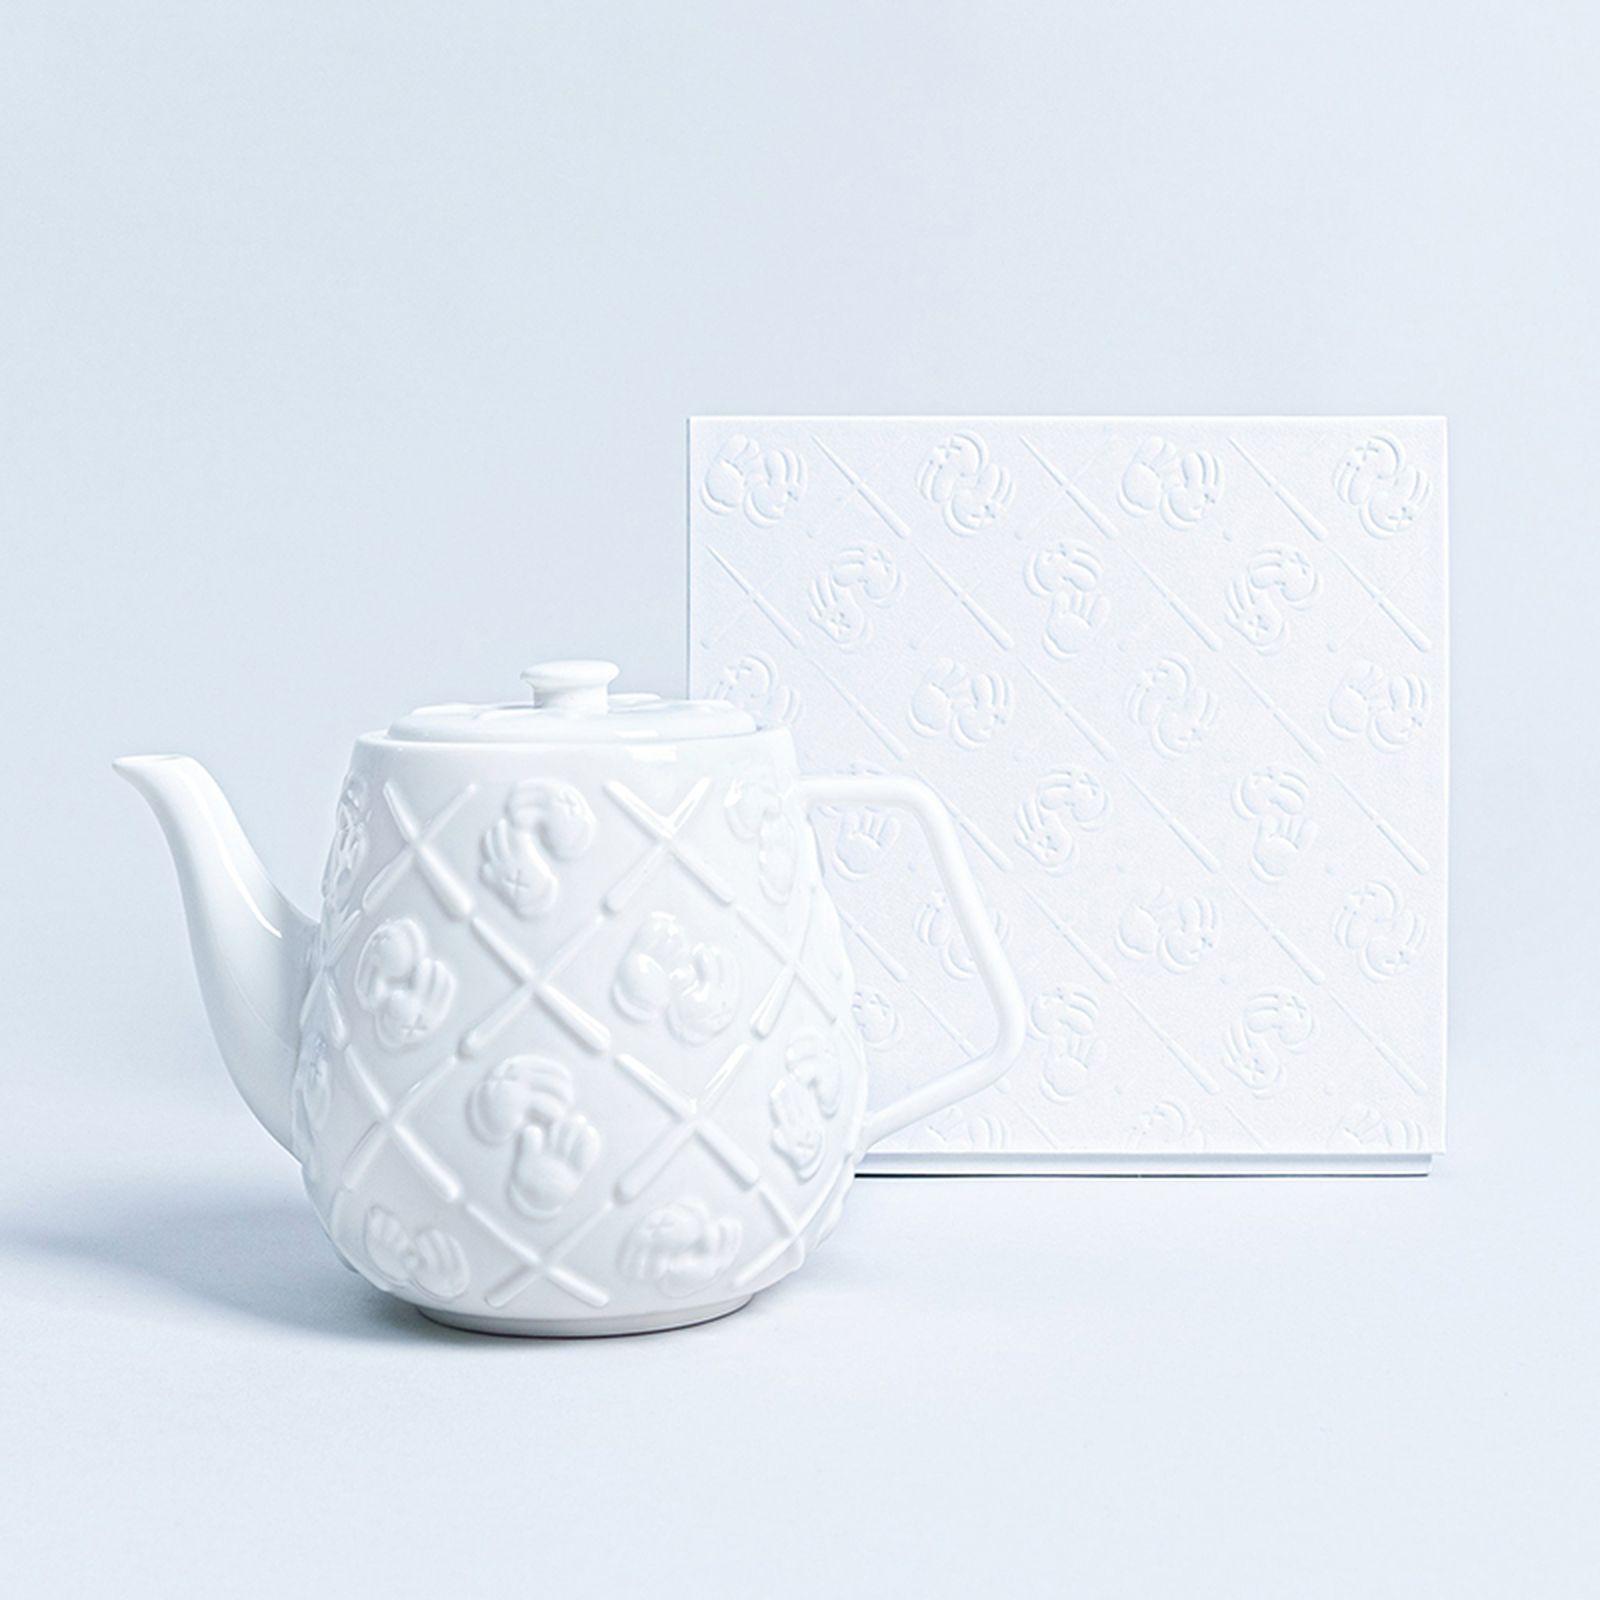 KAWS teapot